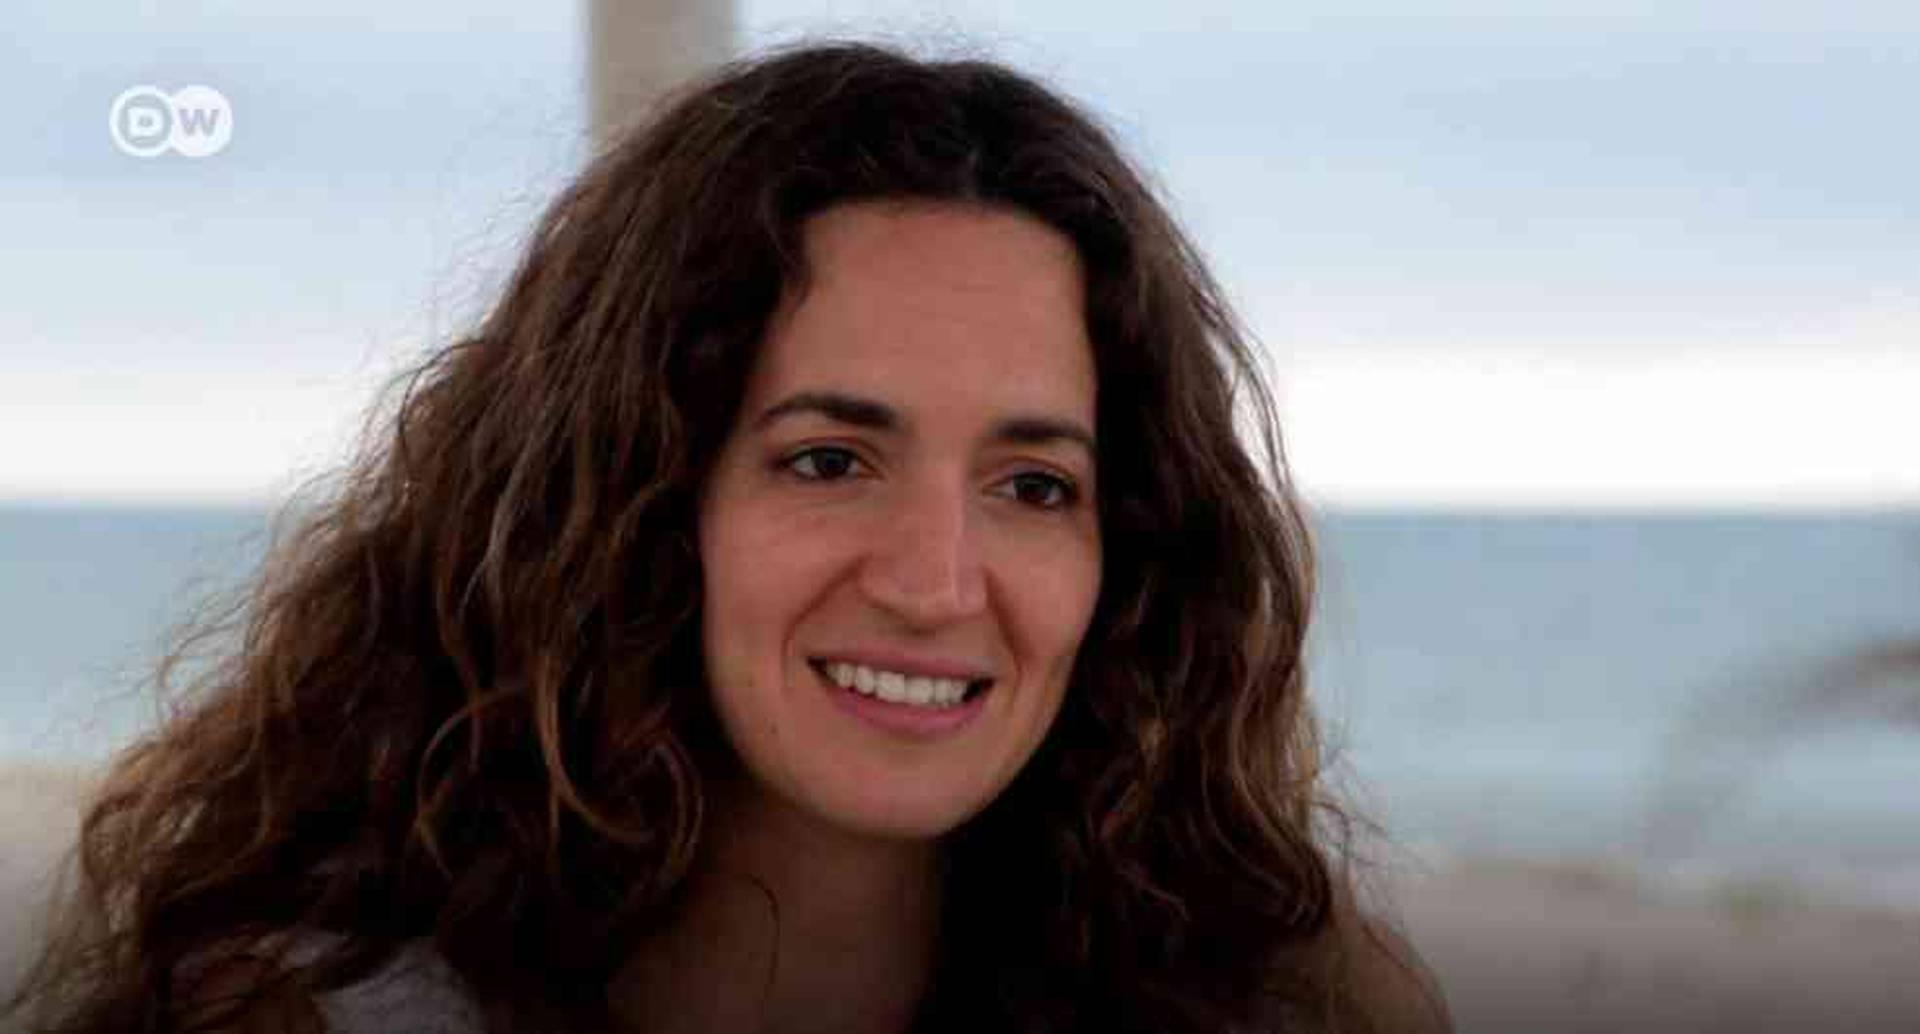 Kerstin Forsberg decidió dedicarse a la protección de las mantarrayas al percibir y comprobar la vulnerabilidad de esta especie marina